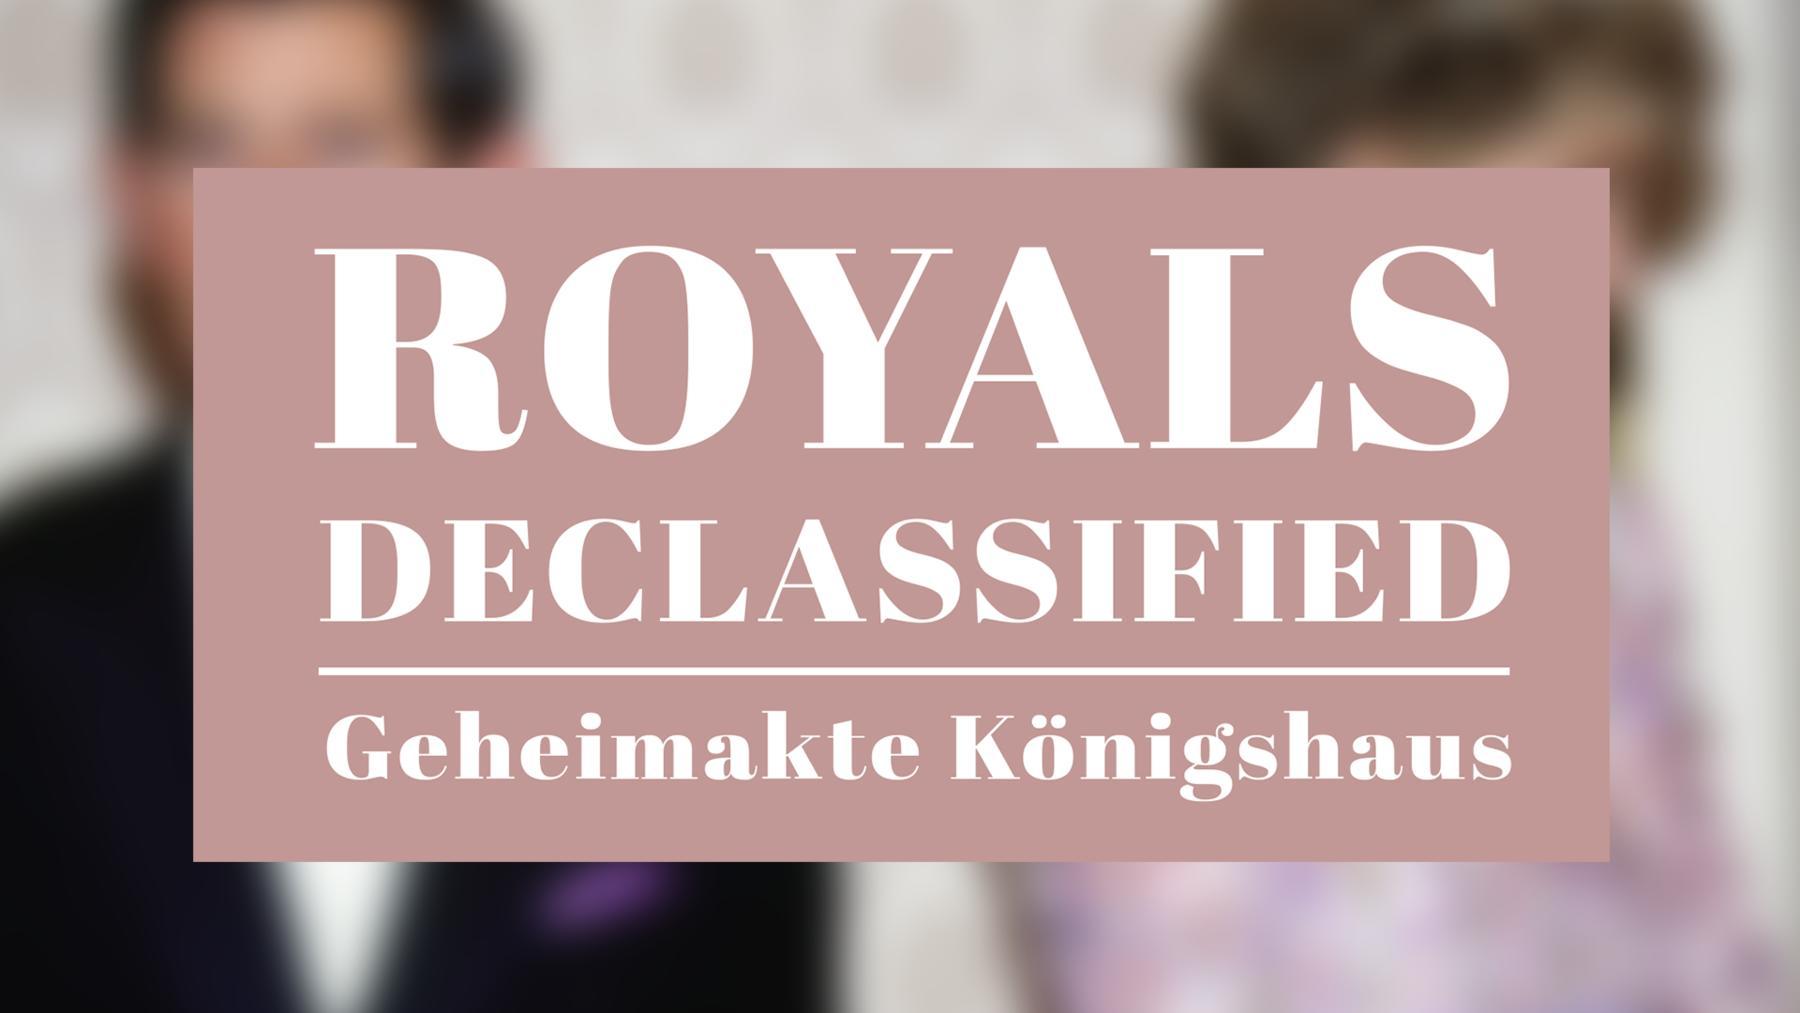 Royals Declassified - Geheimakte Königshaus